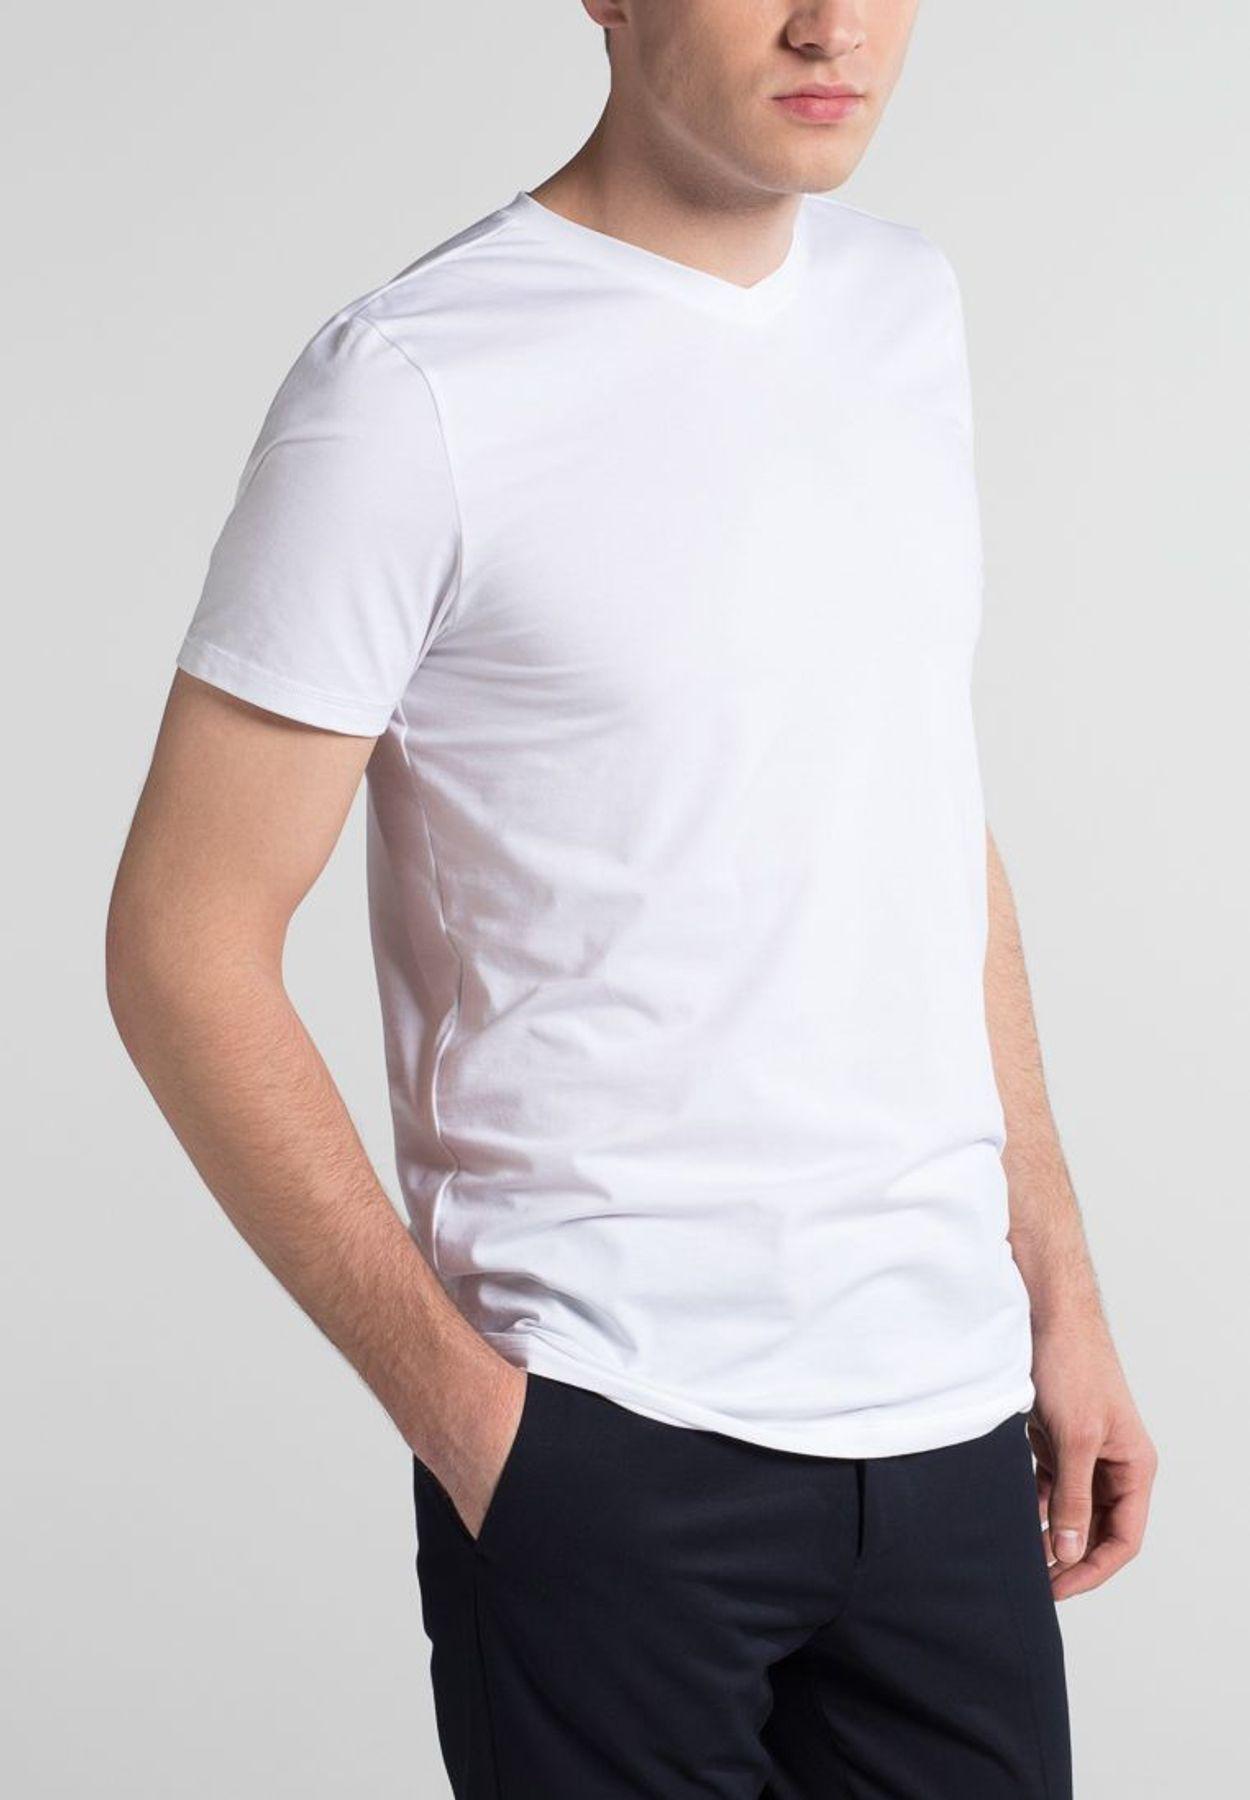 Eterna - Herren Bodyshirt mit V-Ausschnitt in schwarz und weiß (800) – Bild 5